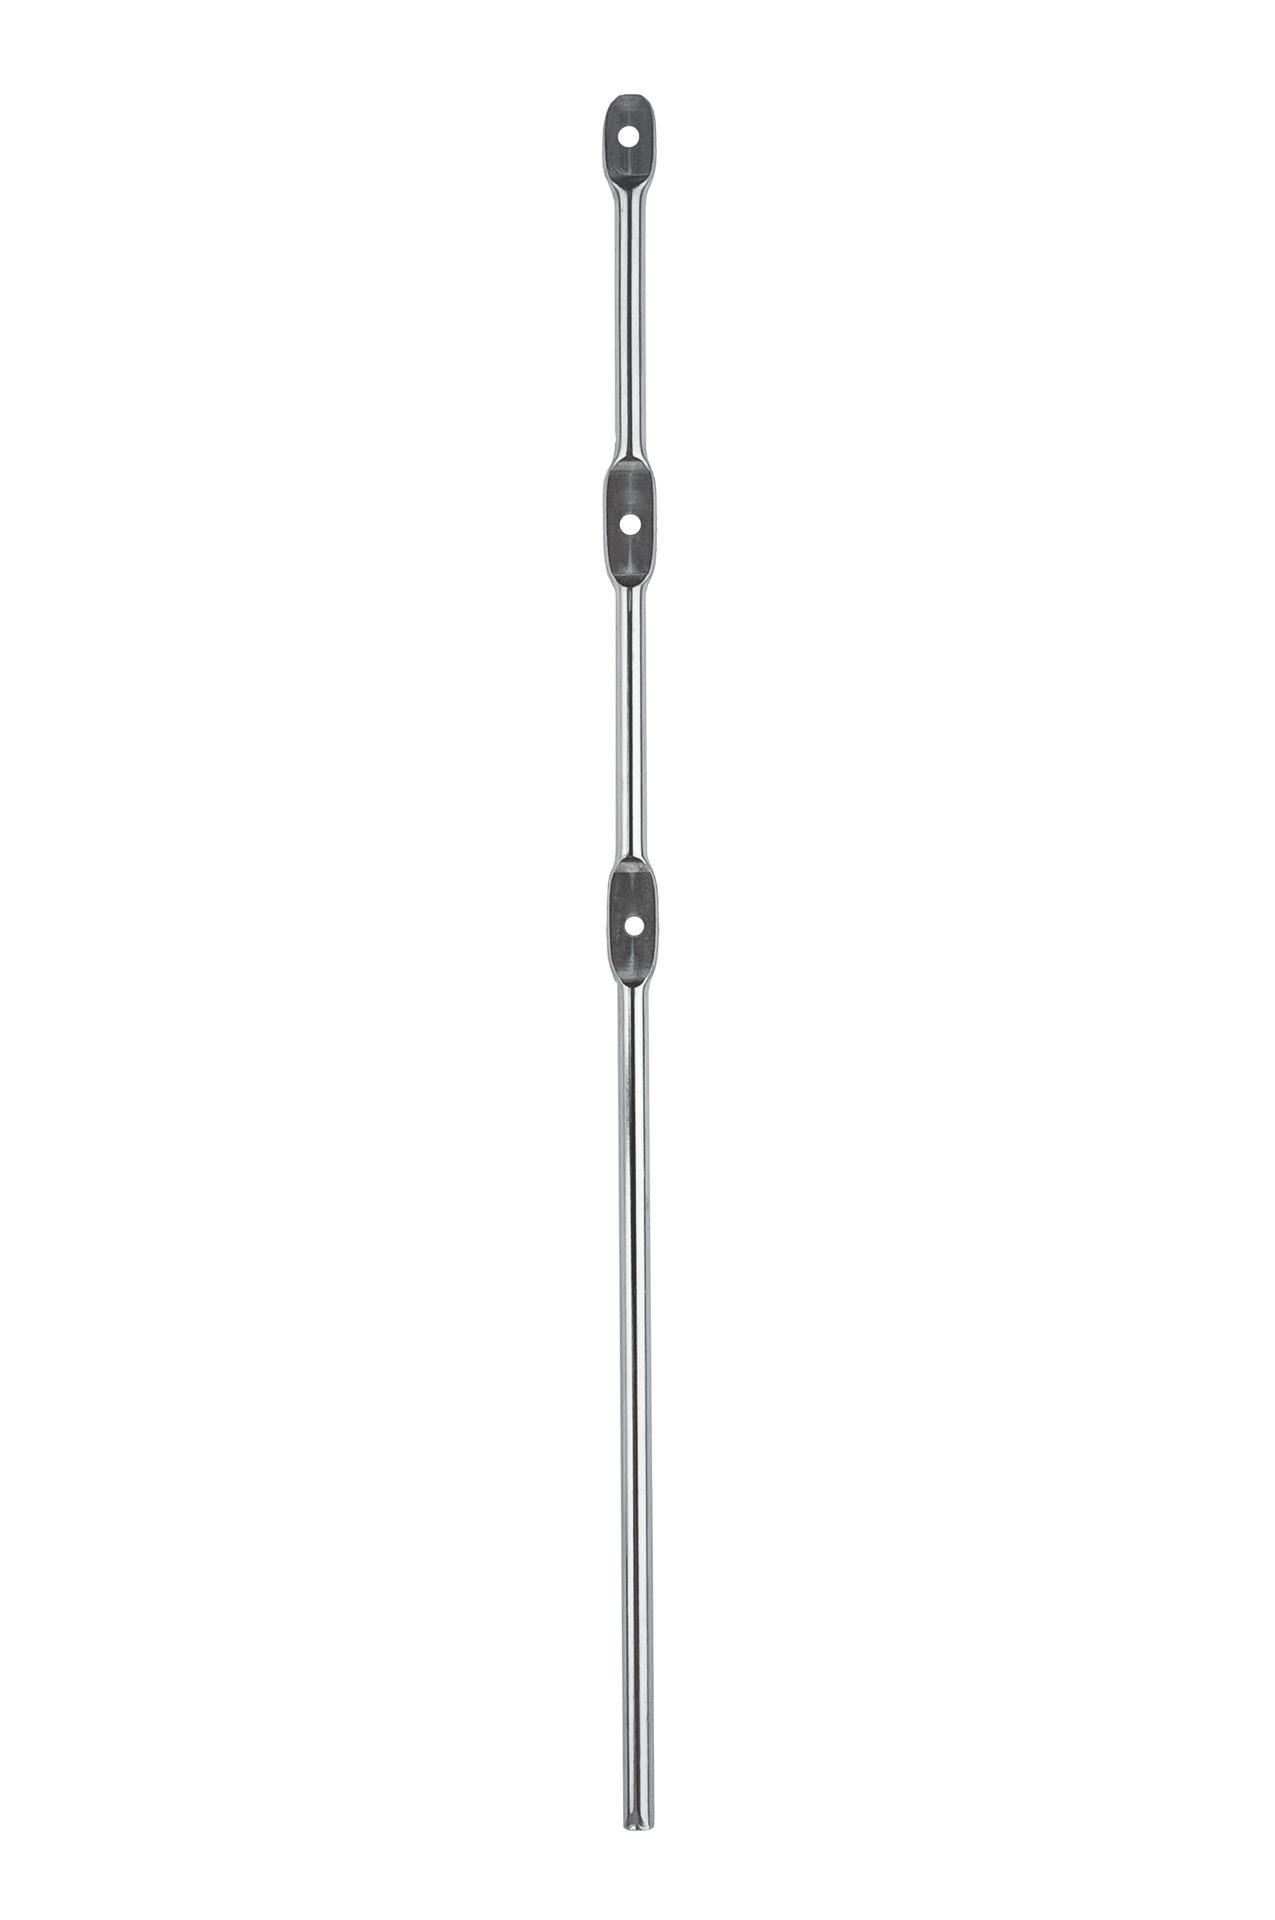 VESPA 3er Pin (ohne Gewinde) aus 1.4301 Edelstahl Rostfrei